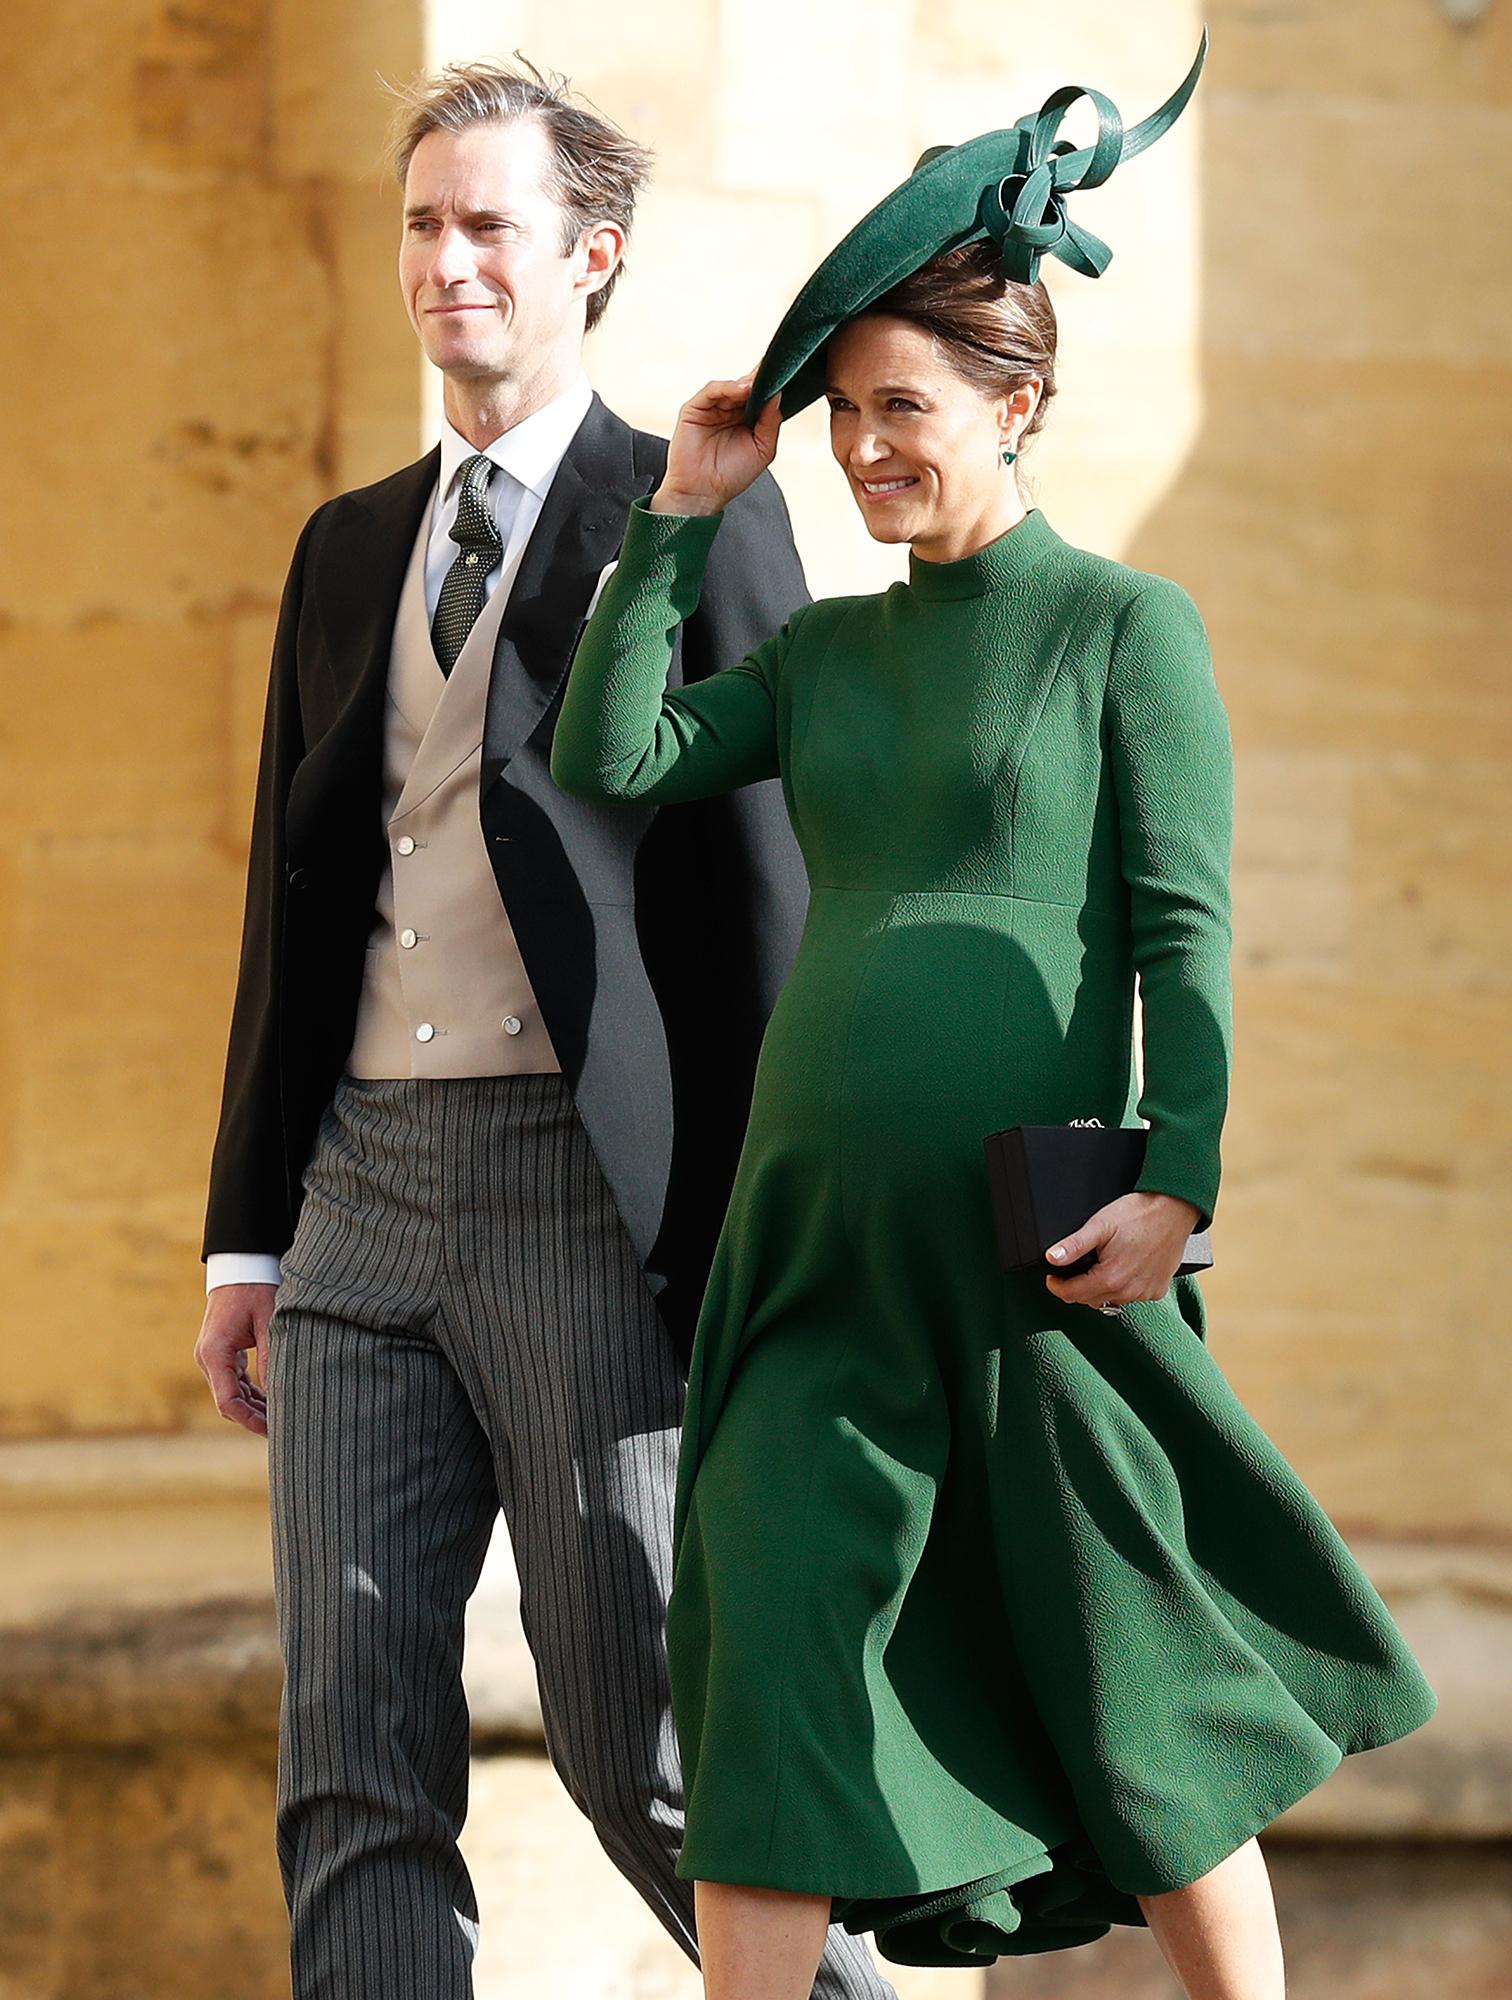 Carole Middleton Visits James Matthews Pippa Middleton After Baby